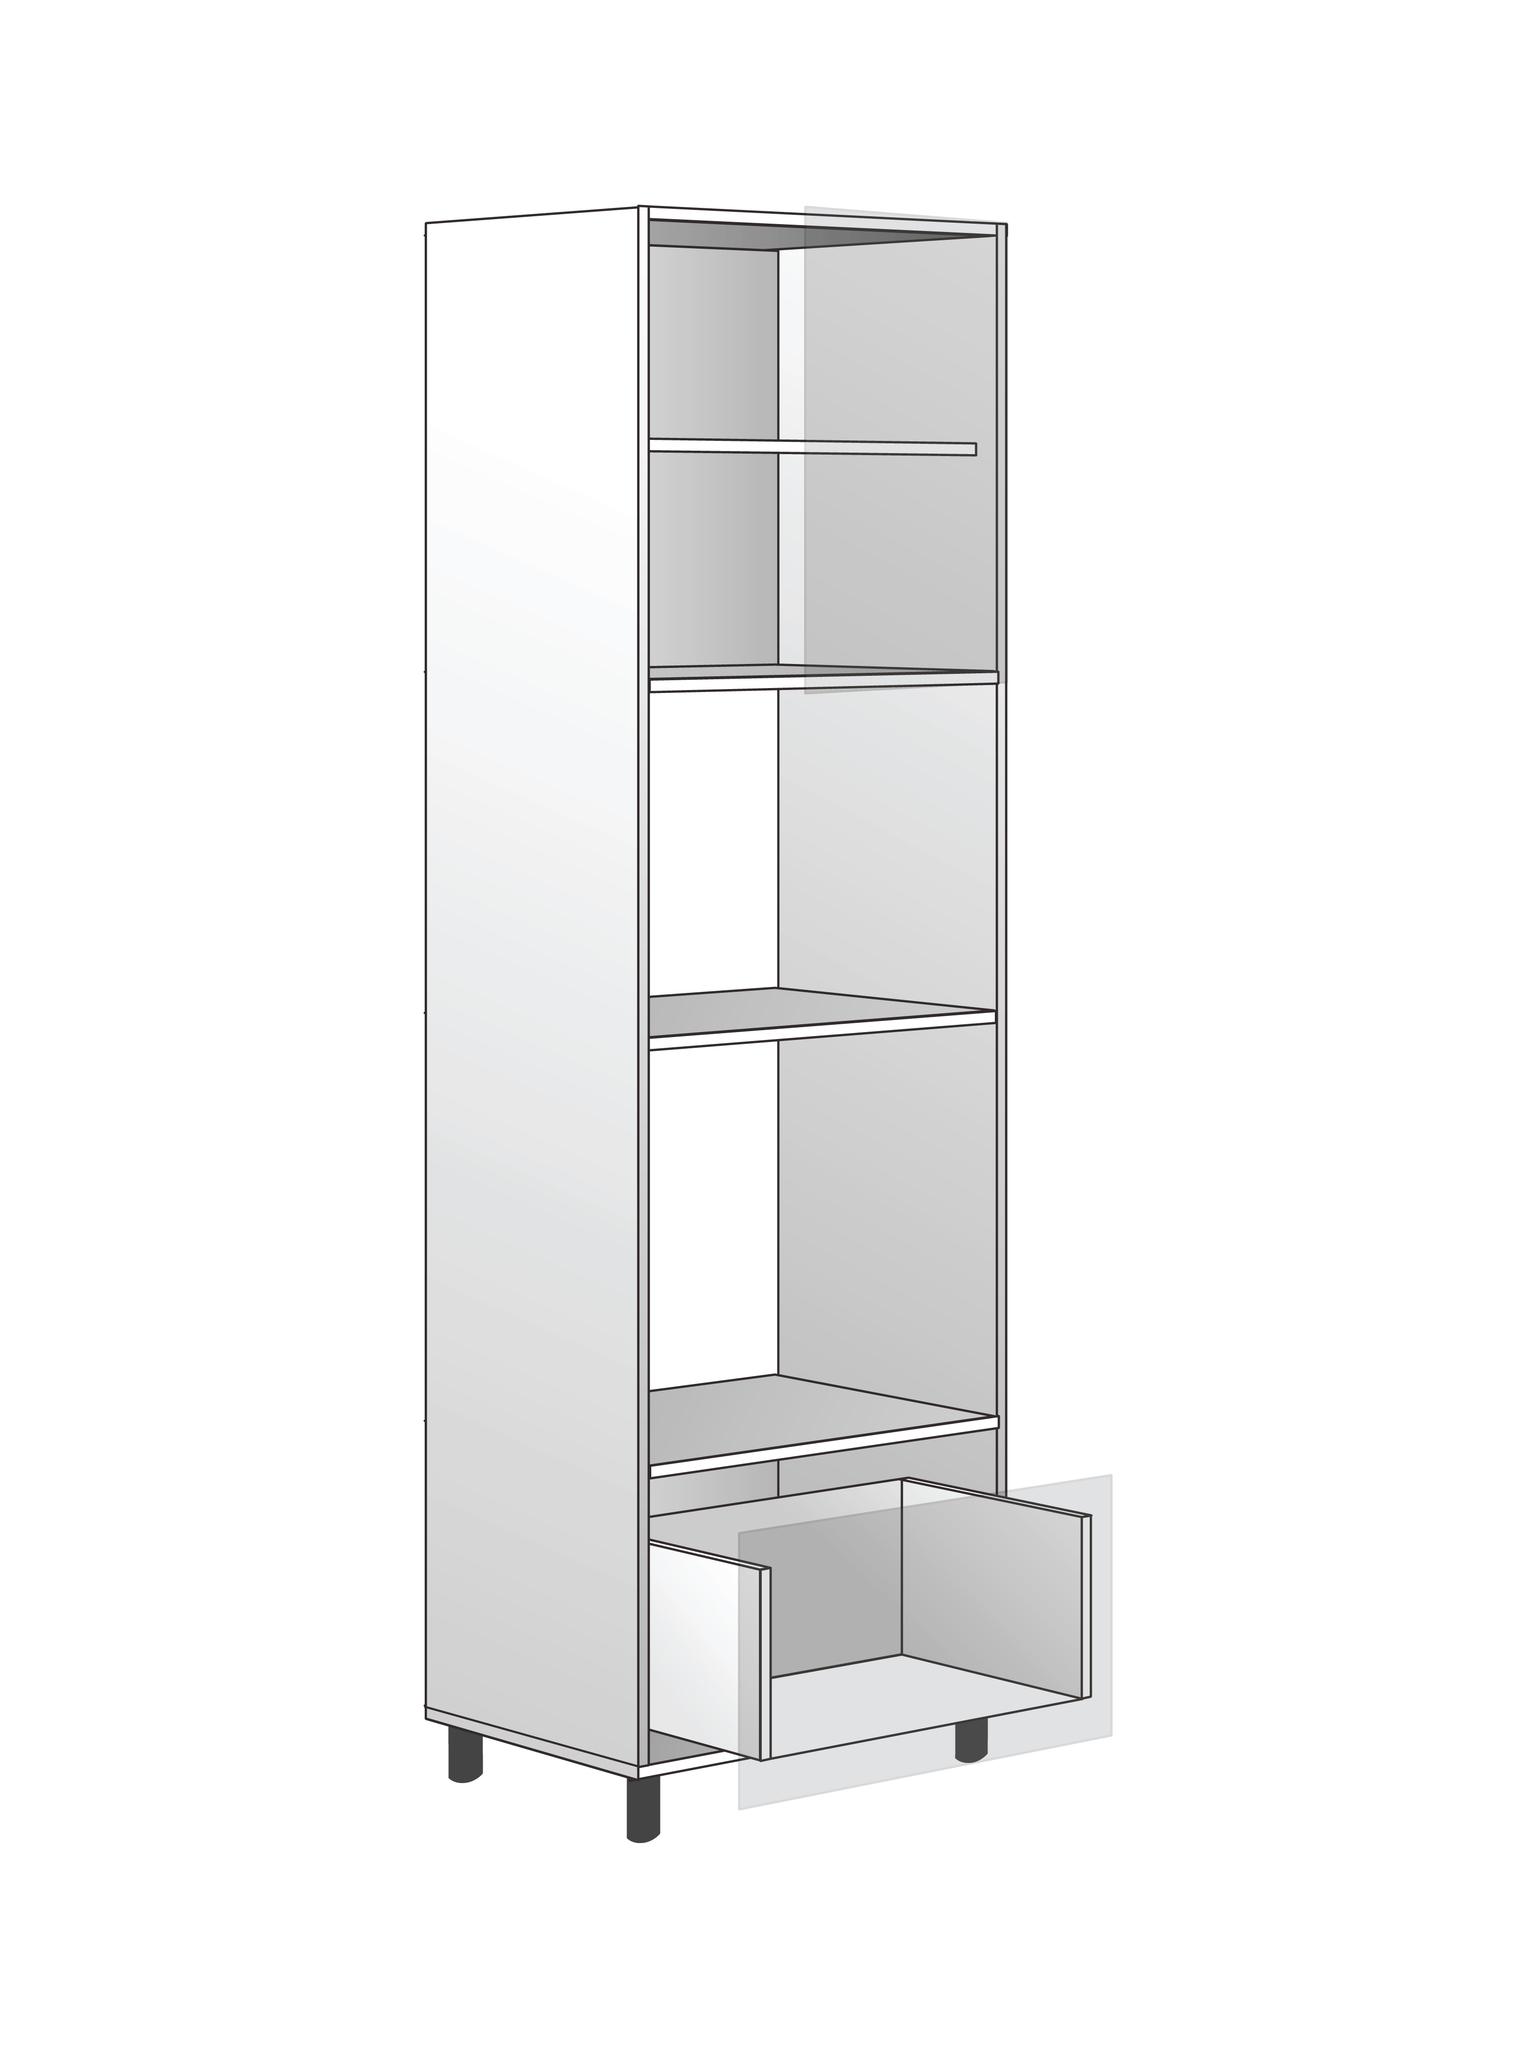 Напольный  шкаф для духовки и микроволновки, 2040х600 мм